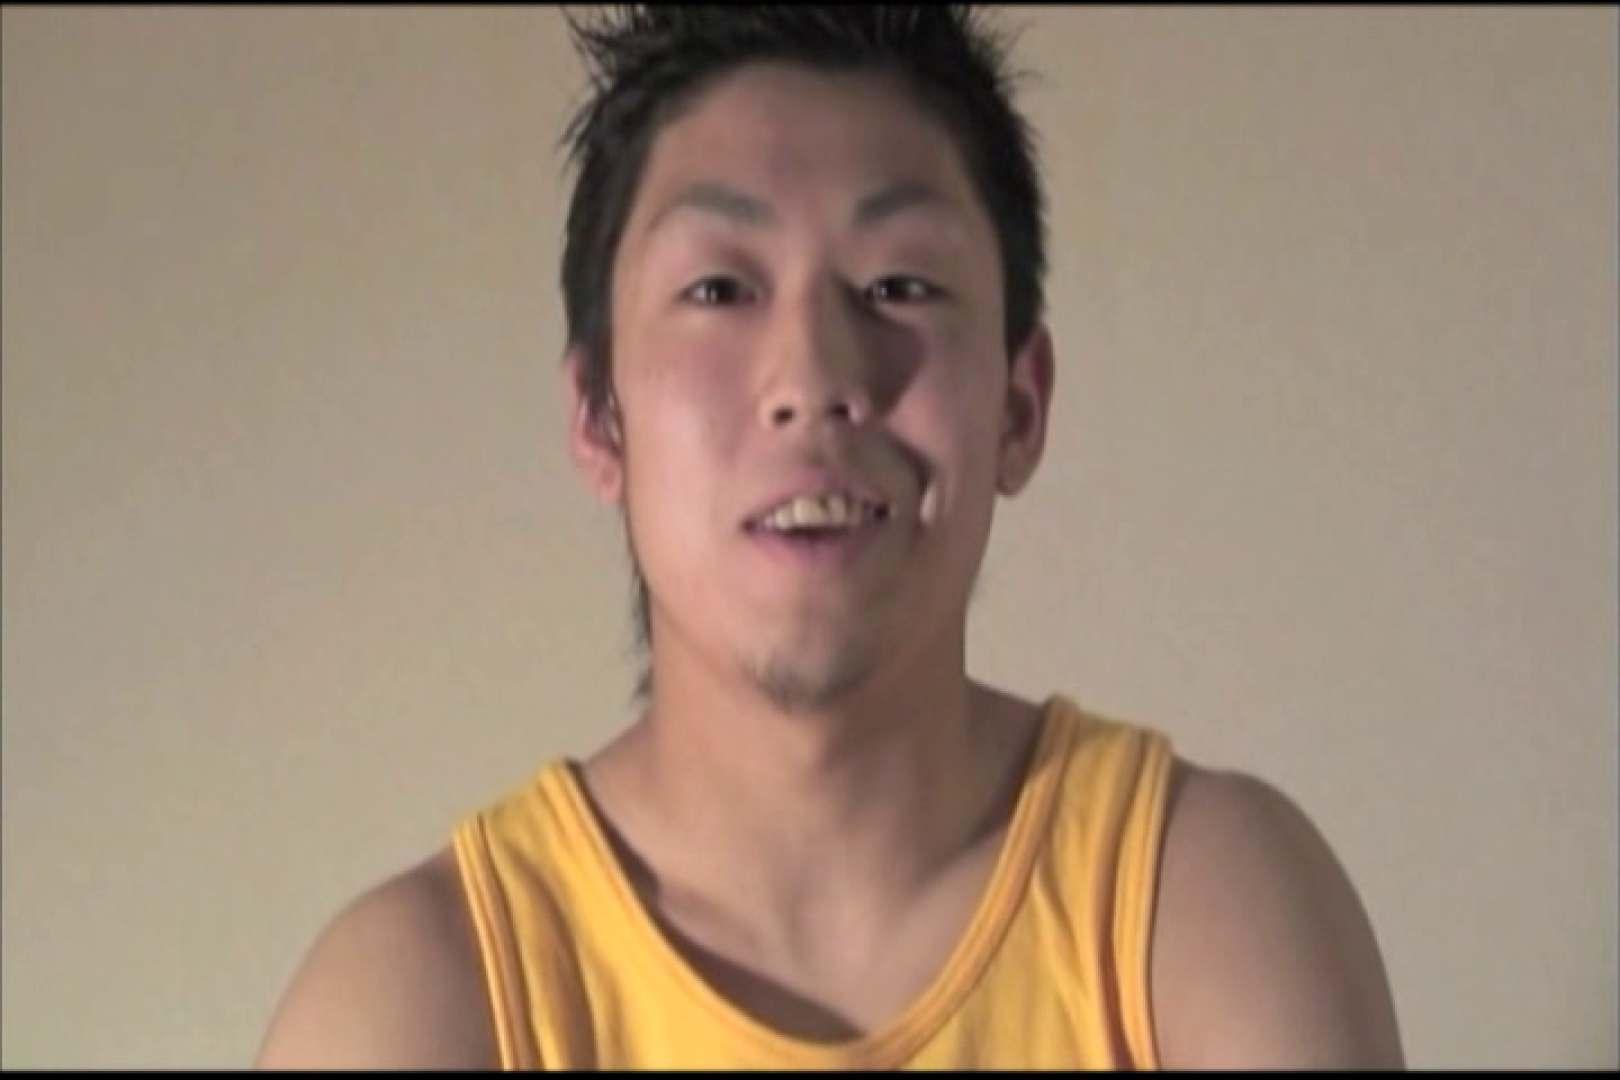 自慰行為支援願望。 スジ筋系男子 ゲイアダルト画像 67枚 4